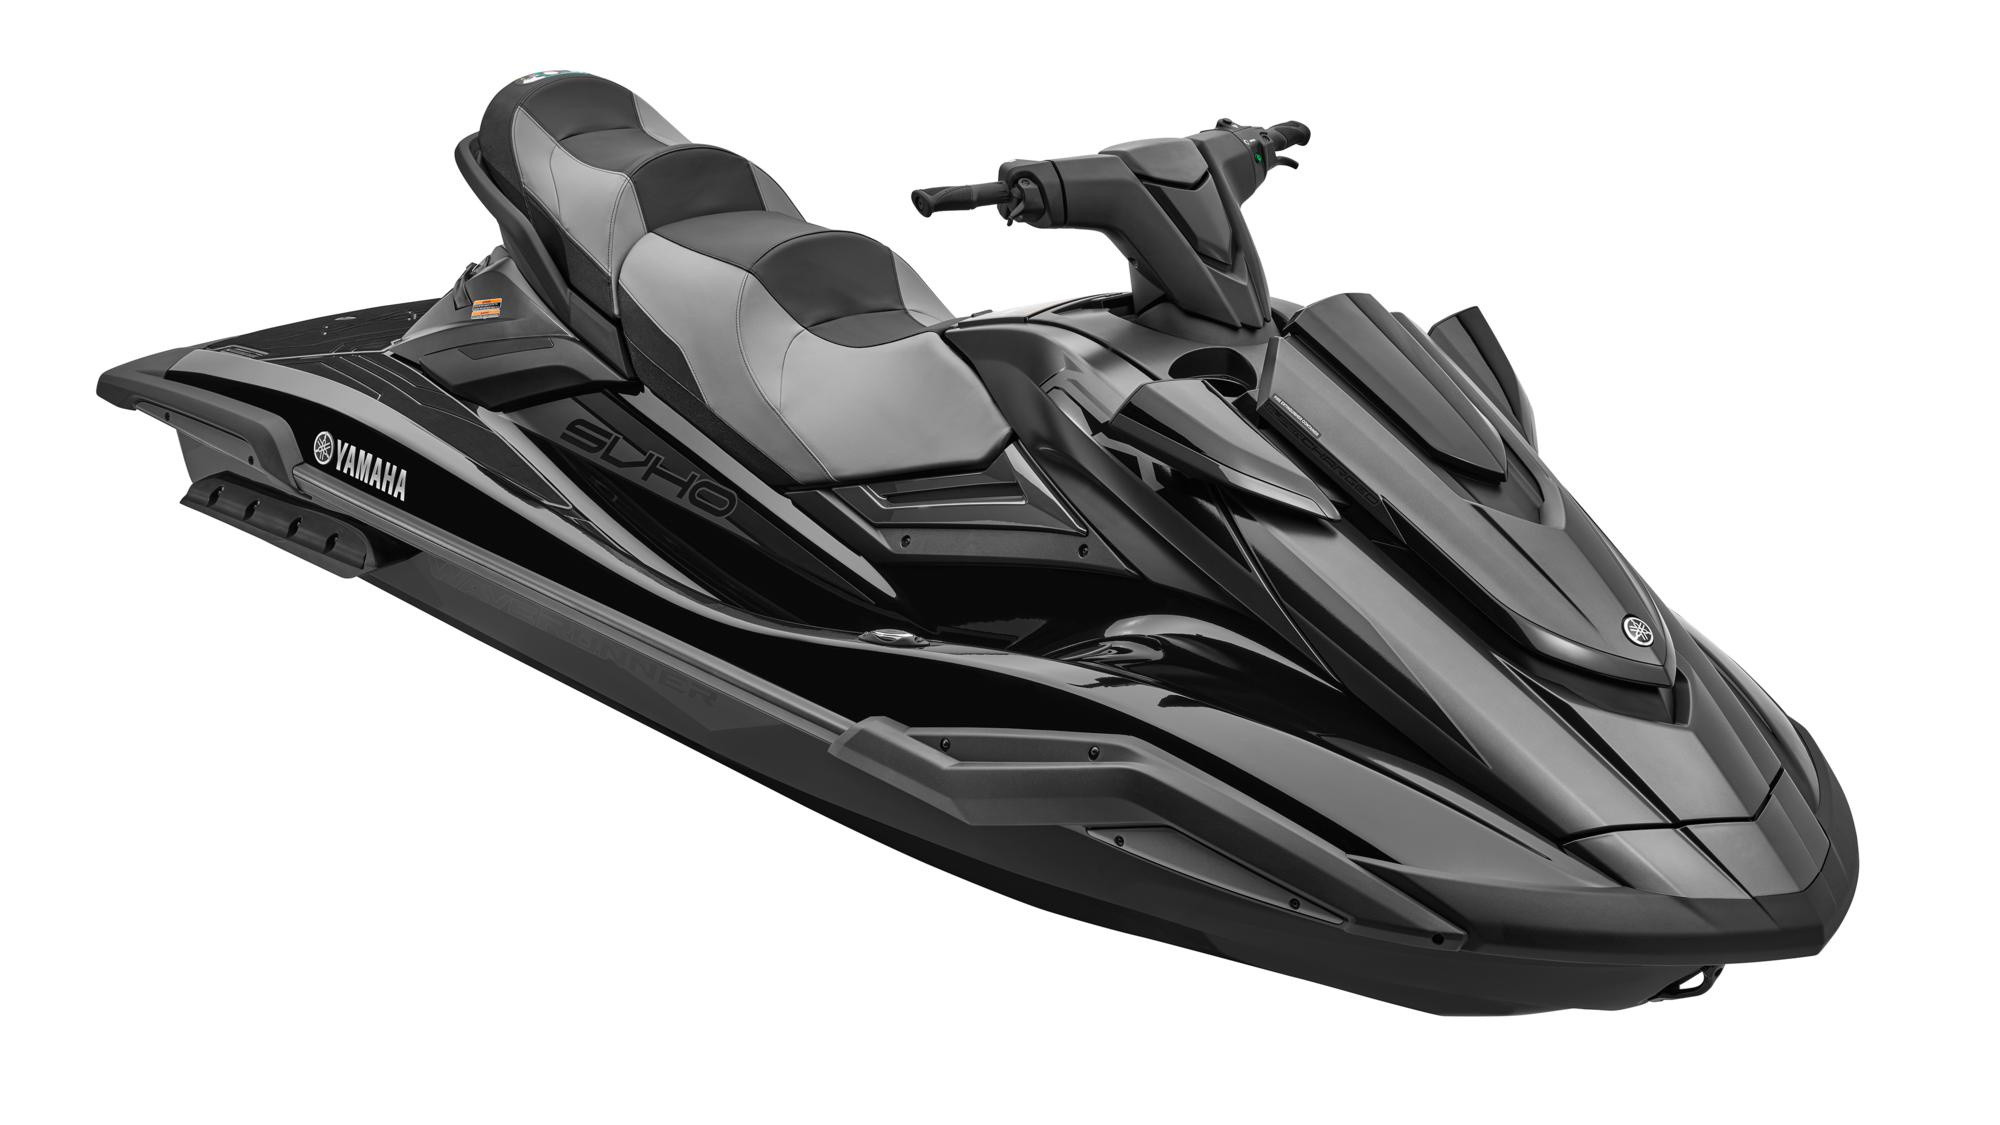 2021 Yamaha FX CR SVHO Waverunner